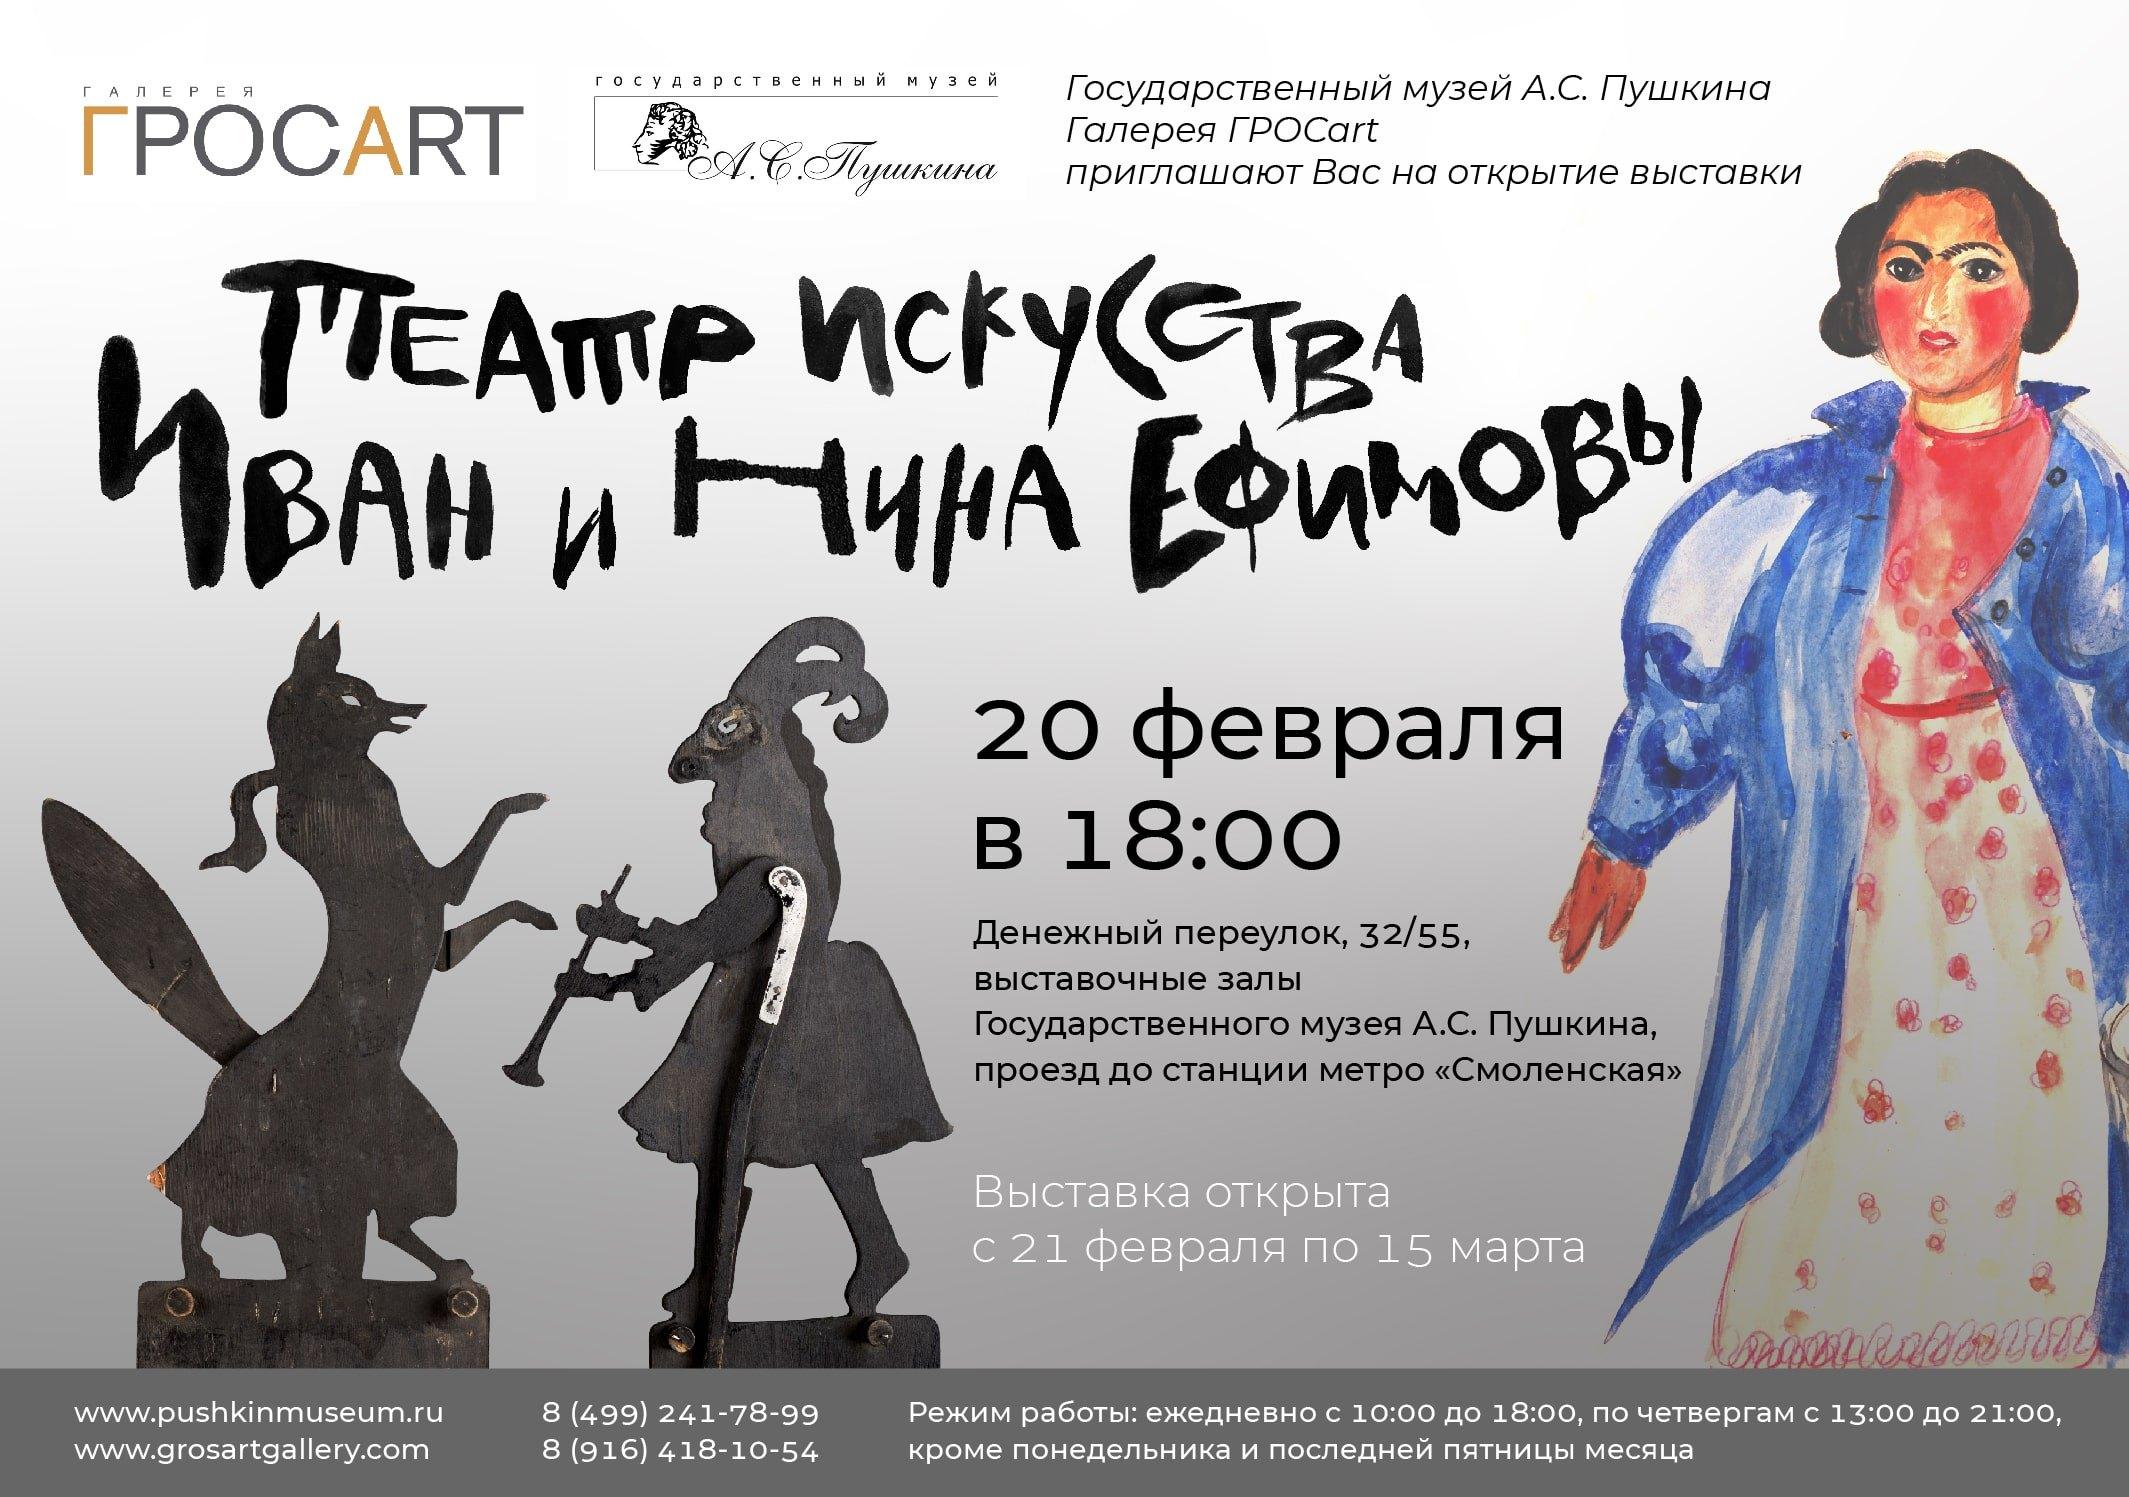 Афиша выставки ТЕАТР ИСКУССТВА И. и Н. ЕФИМОВЫХ